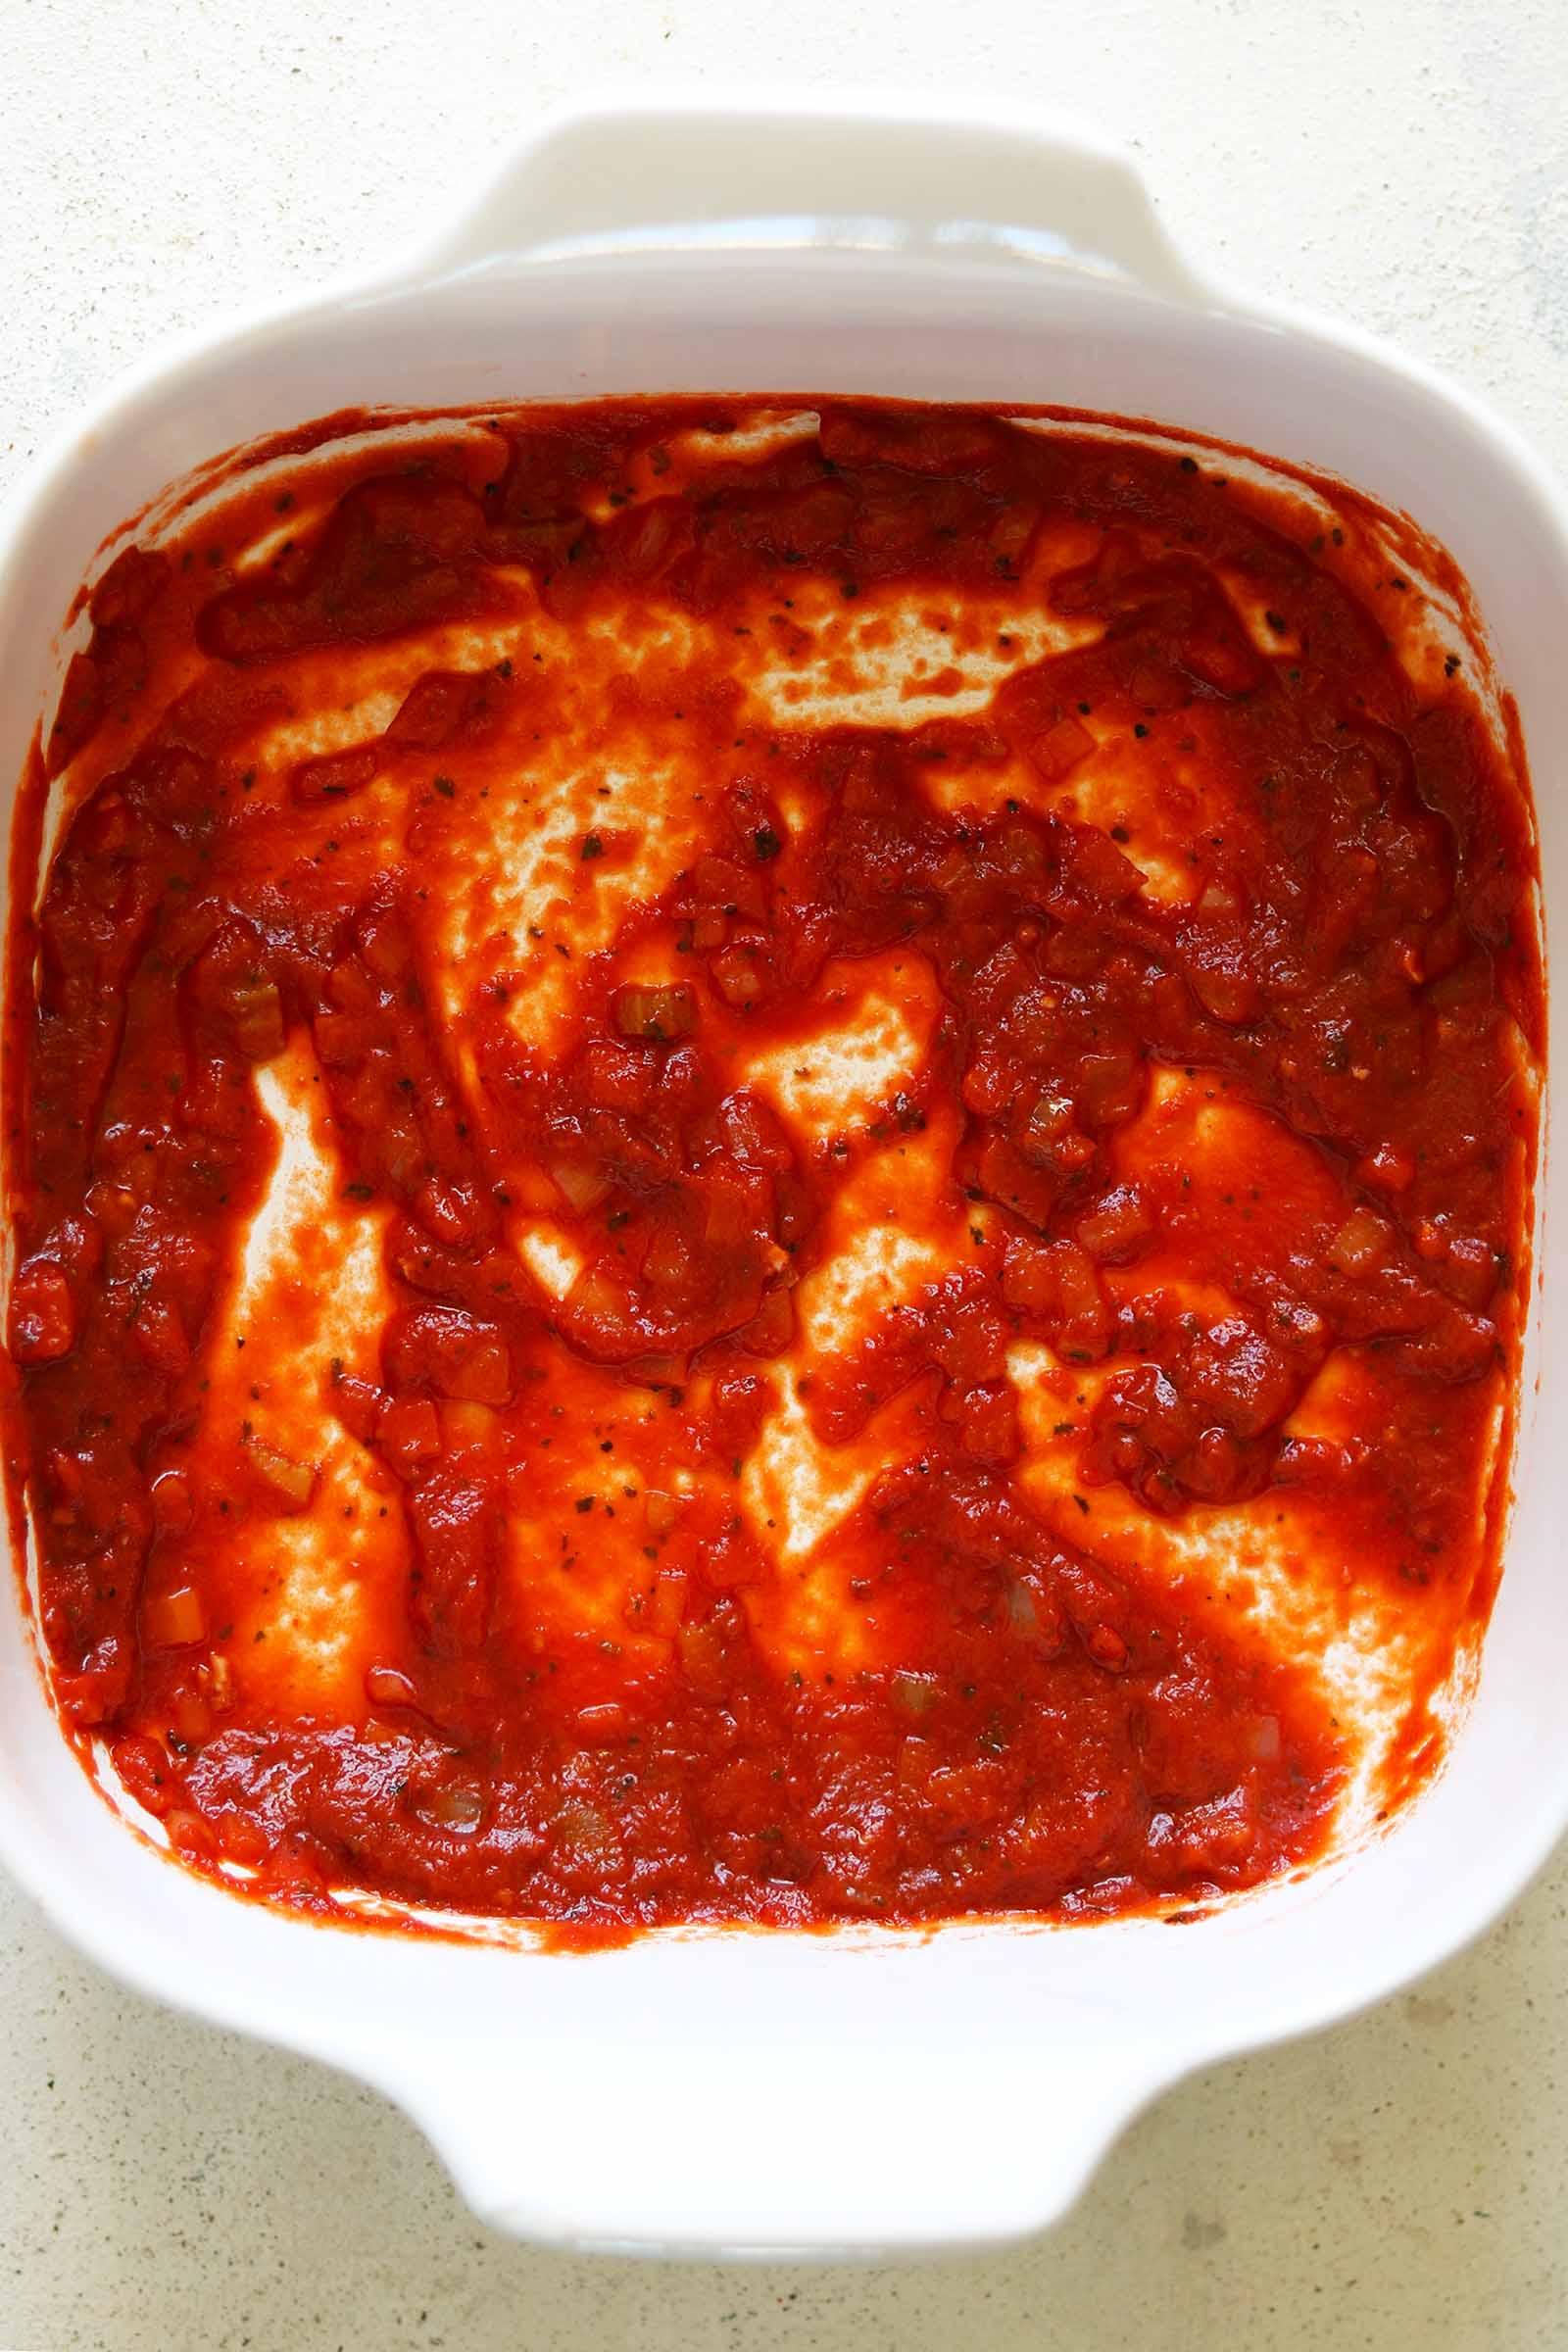 tomato in dish